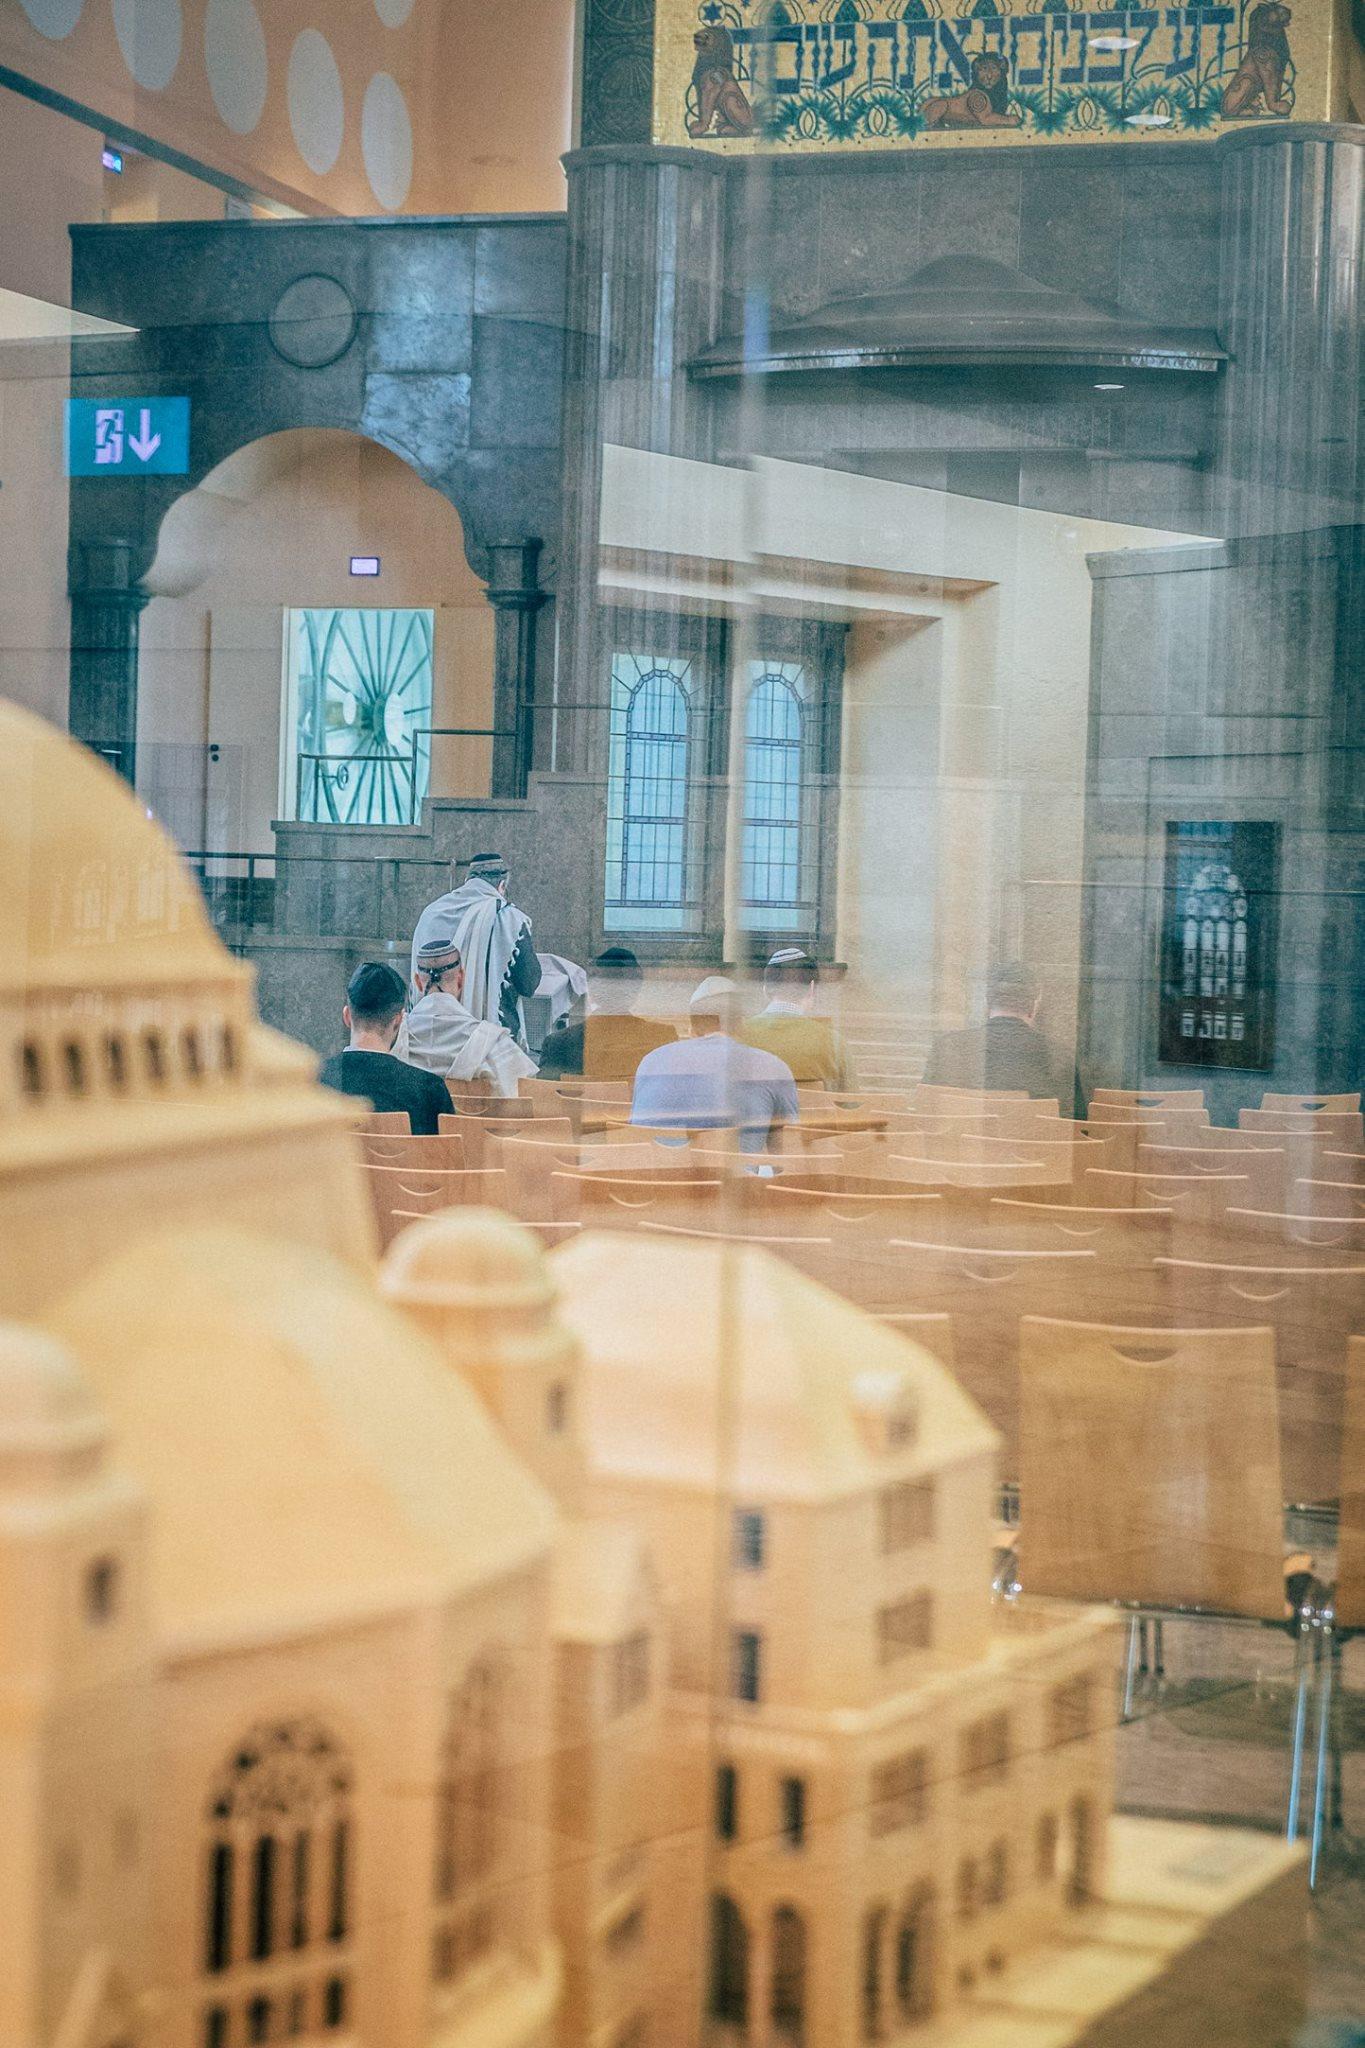 Schacharit im Hauptraum der Synagoge.  Foto mit freundlicher Genehmigung von Ilja Kagan - hier sein facebook-Profil